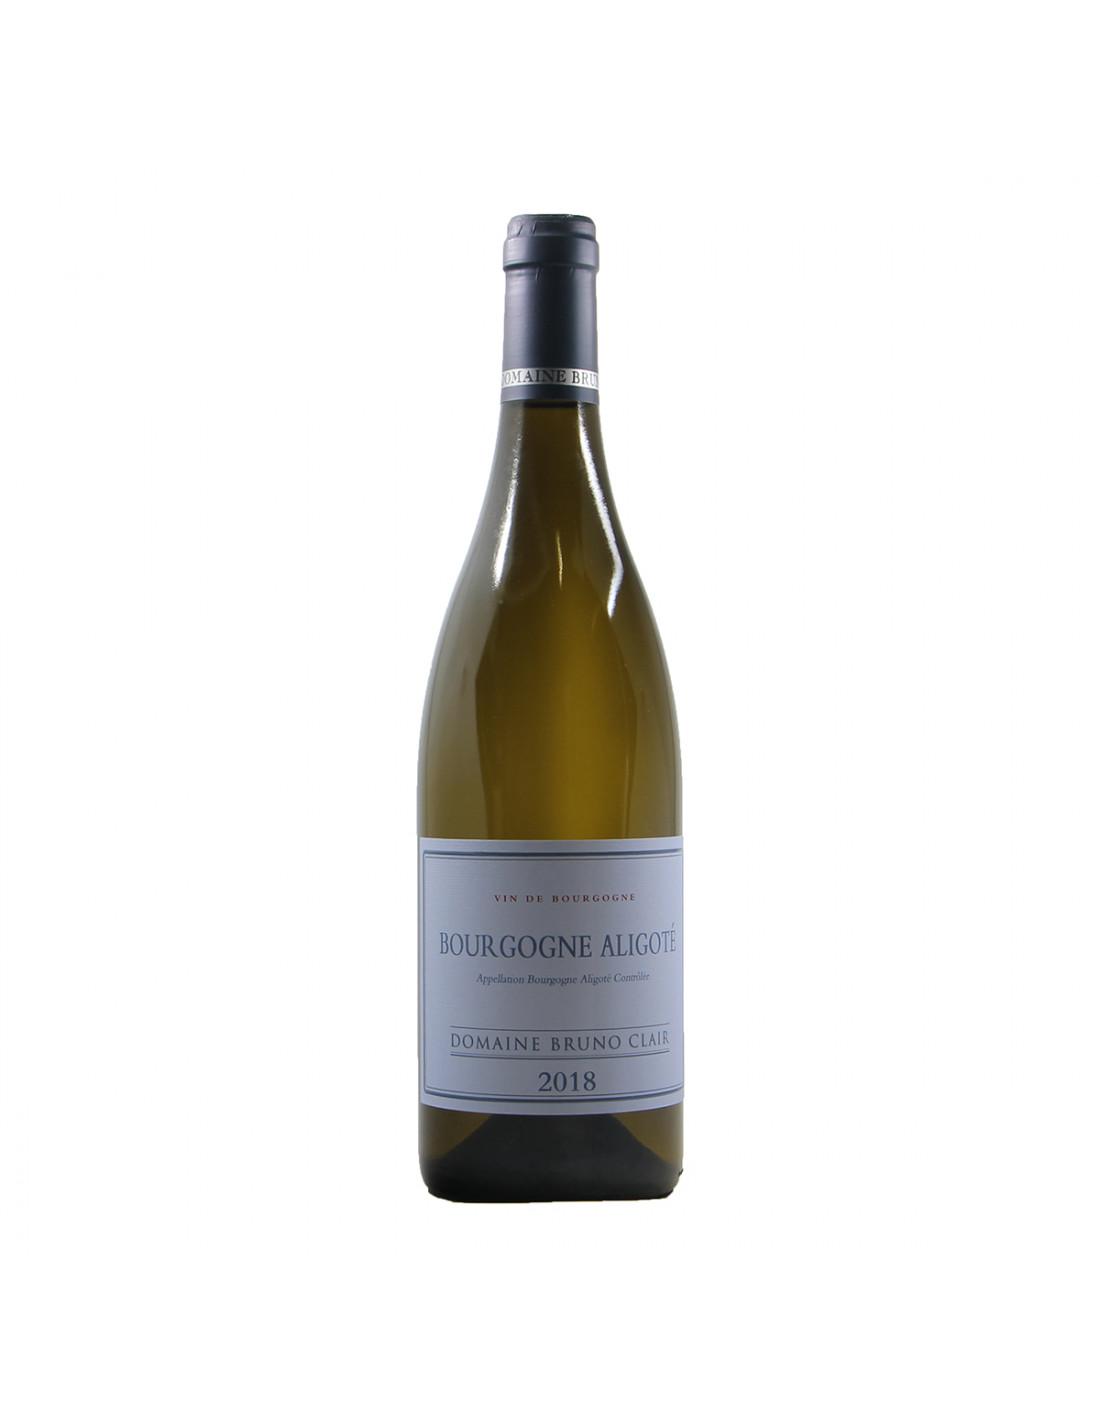 Domaine Bruno Clair Bourgogne Aligotè 2018 Grandi Bottiglie